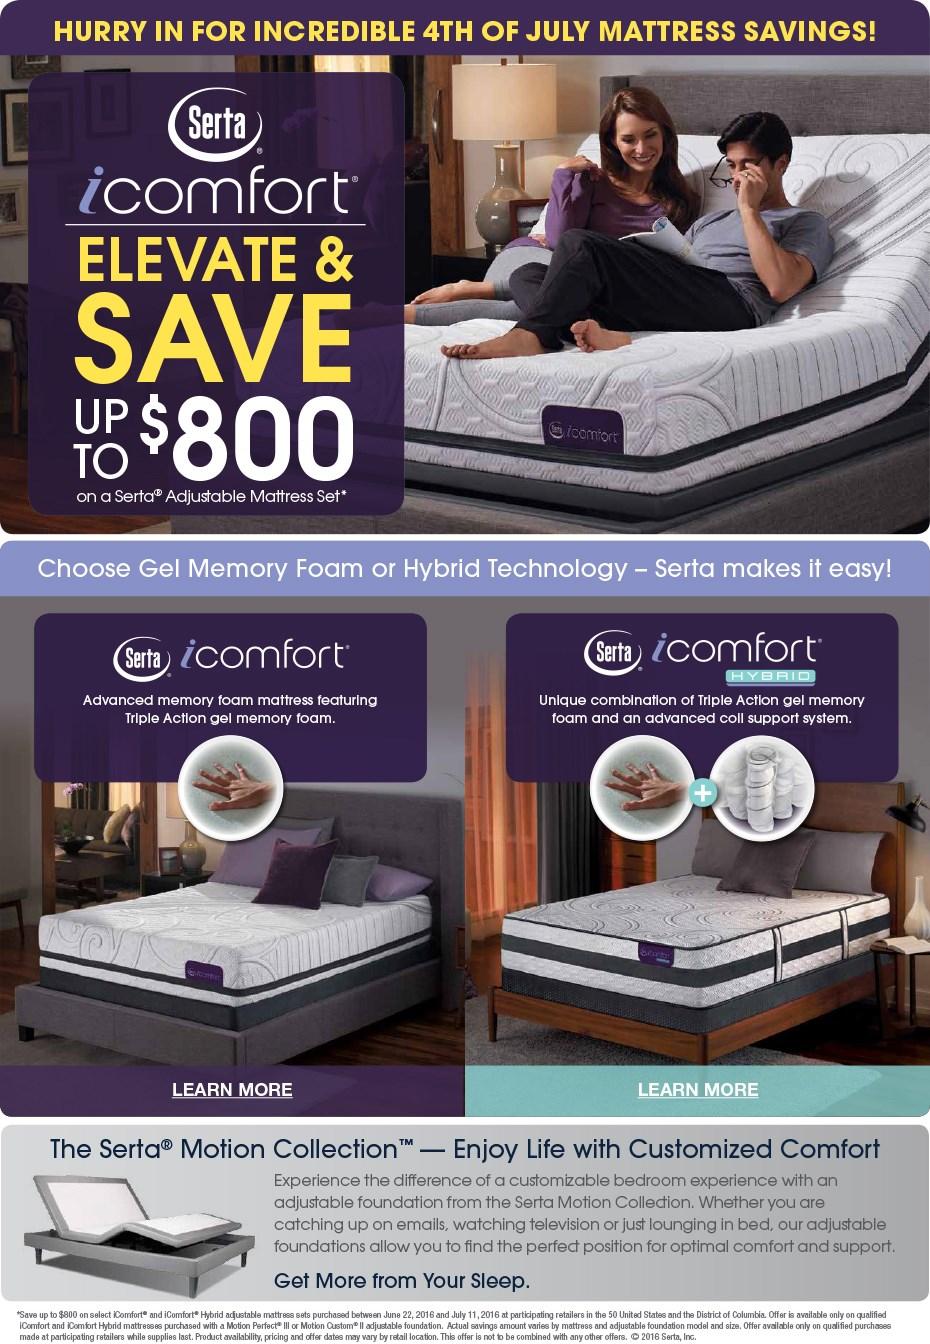 iComfort Elevate & Save